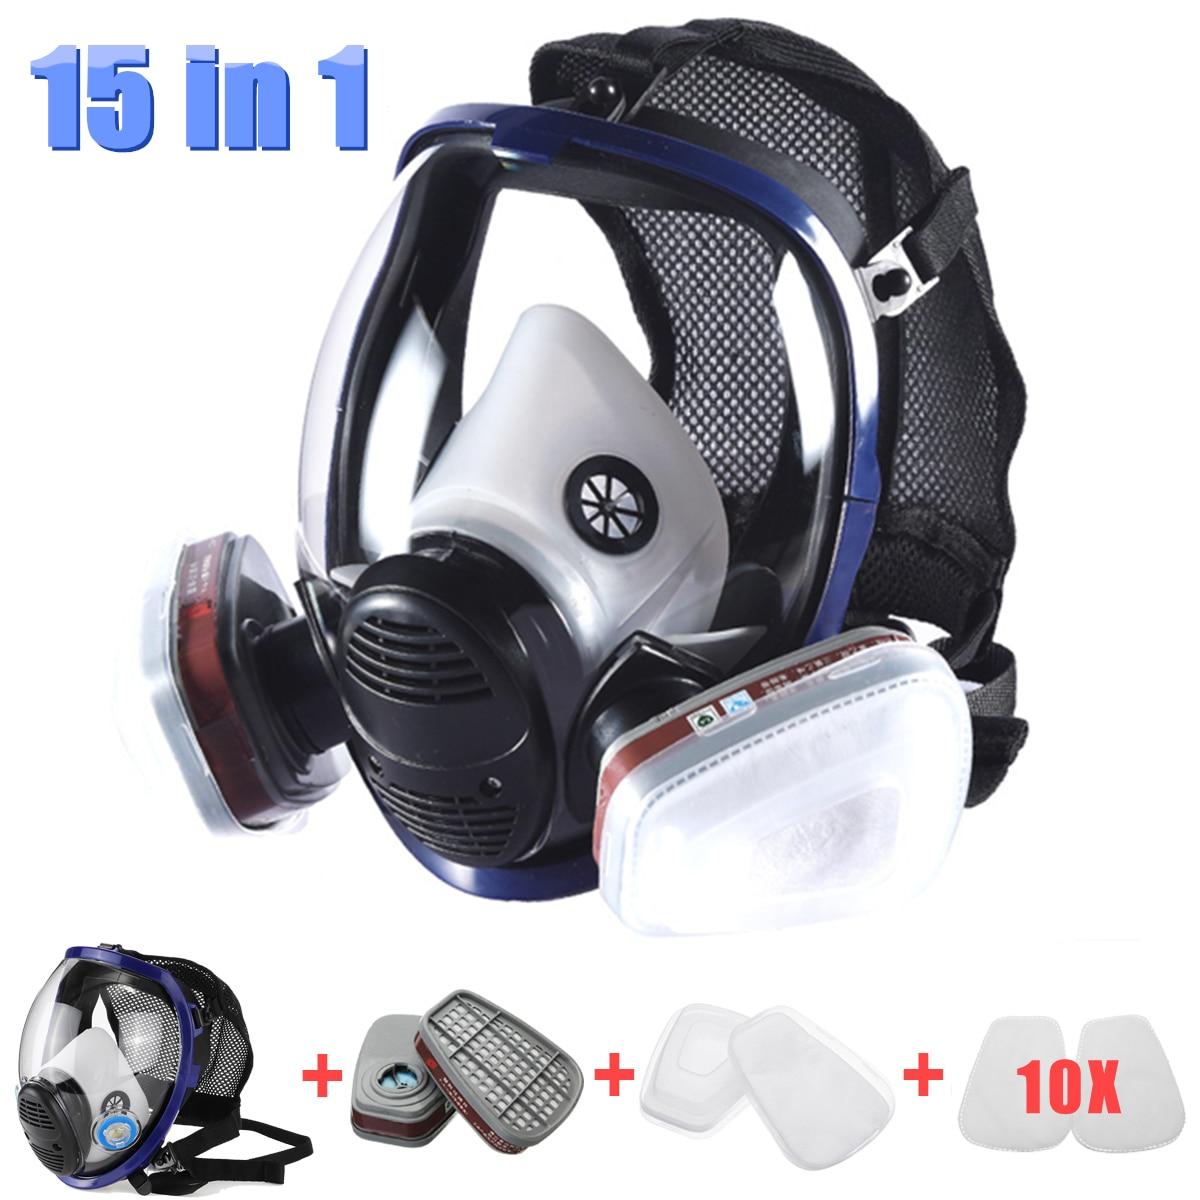 15 en 1 masque à gaz pour 6800 masque facial complet respirateur peinture pulvérisation chimique laboratoire médical masques de sécurité grande taille